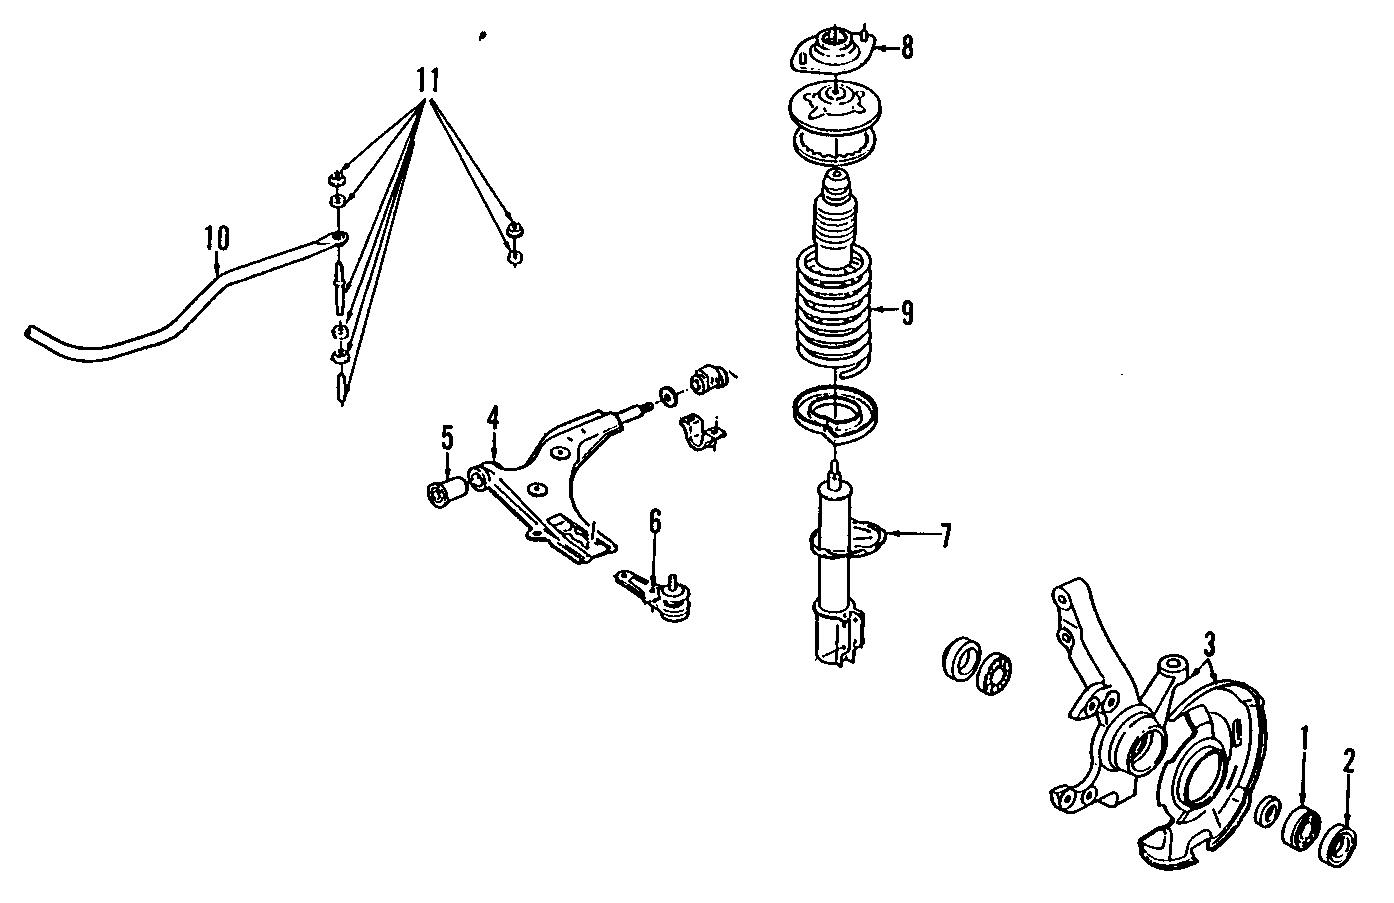 E8bz A